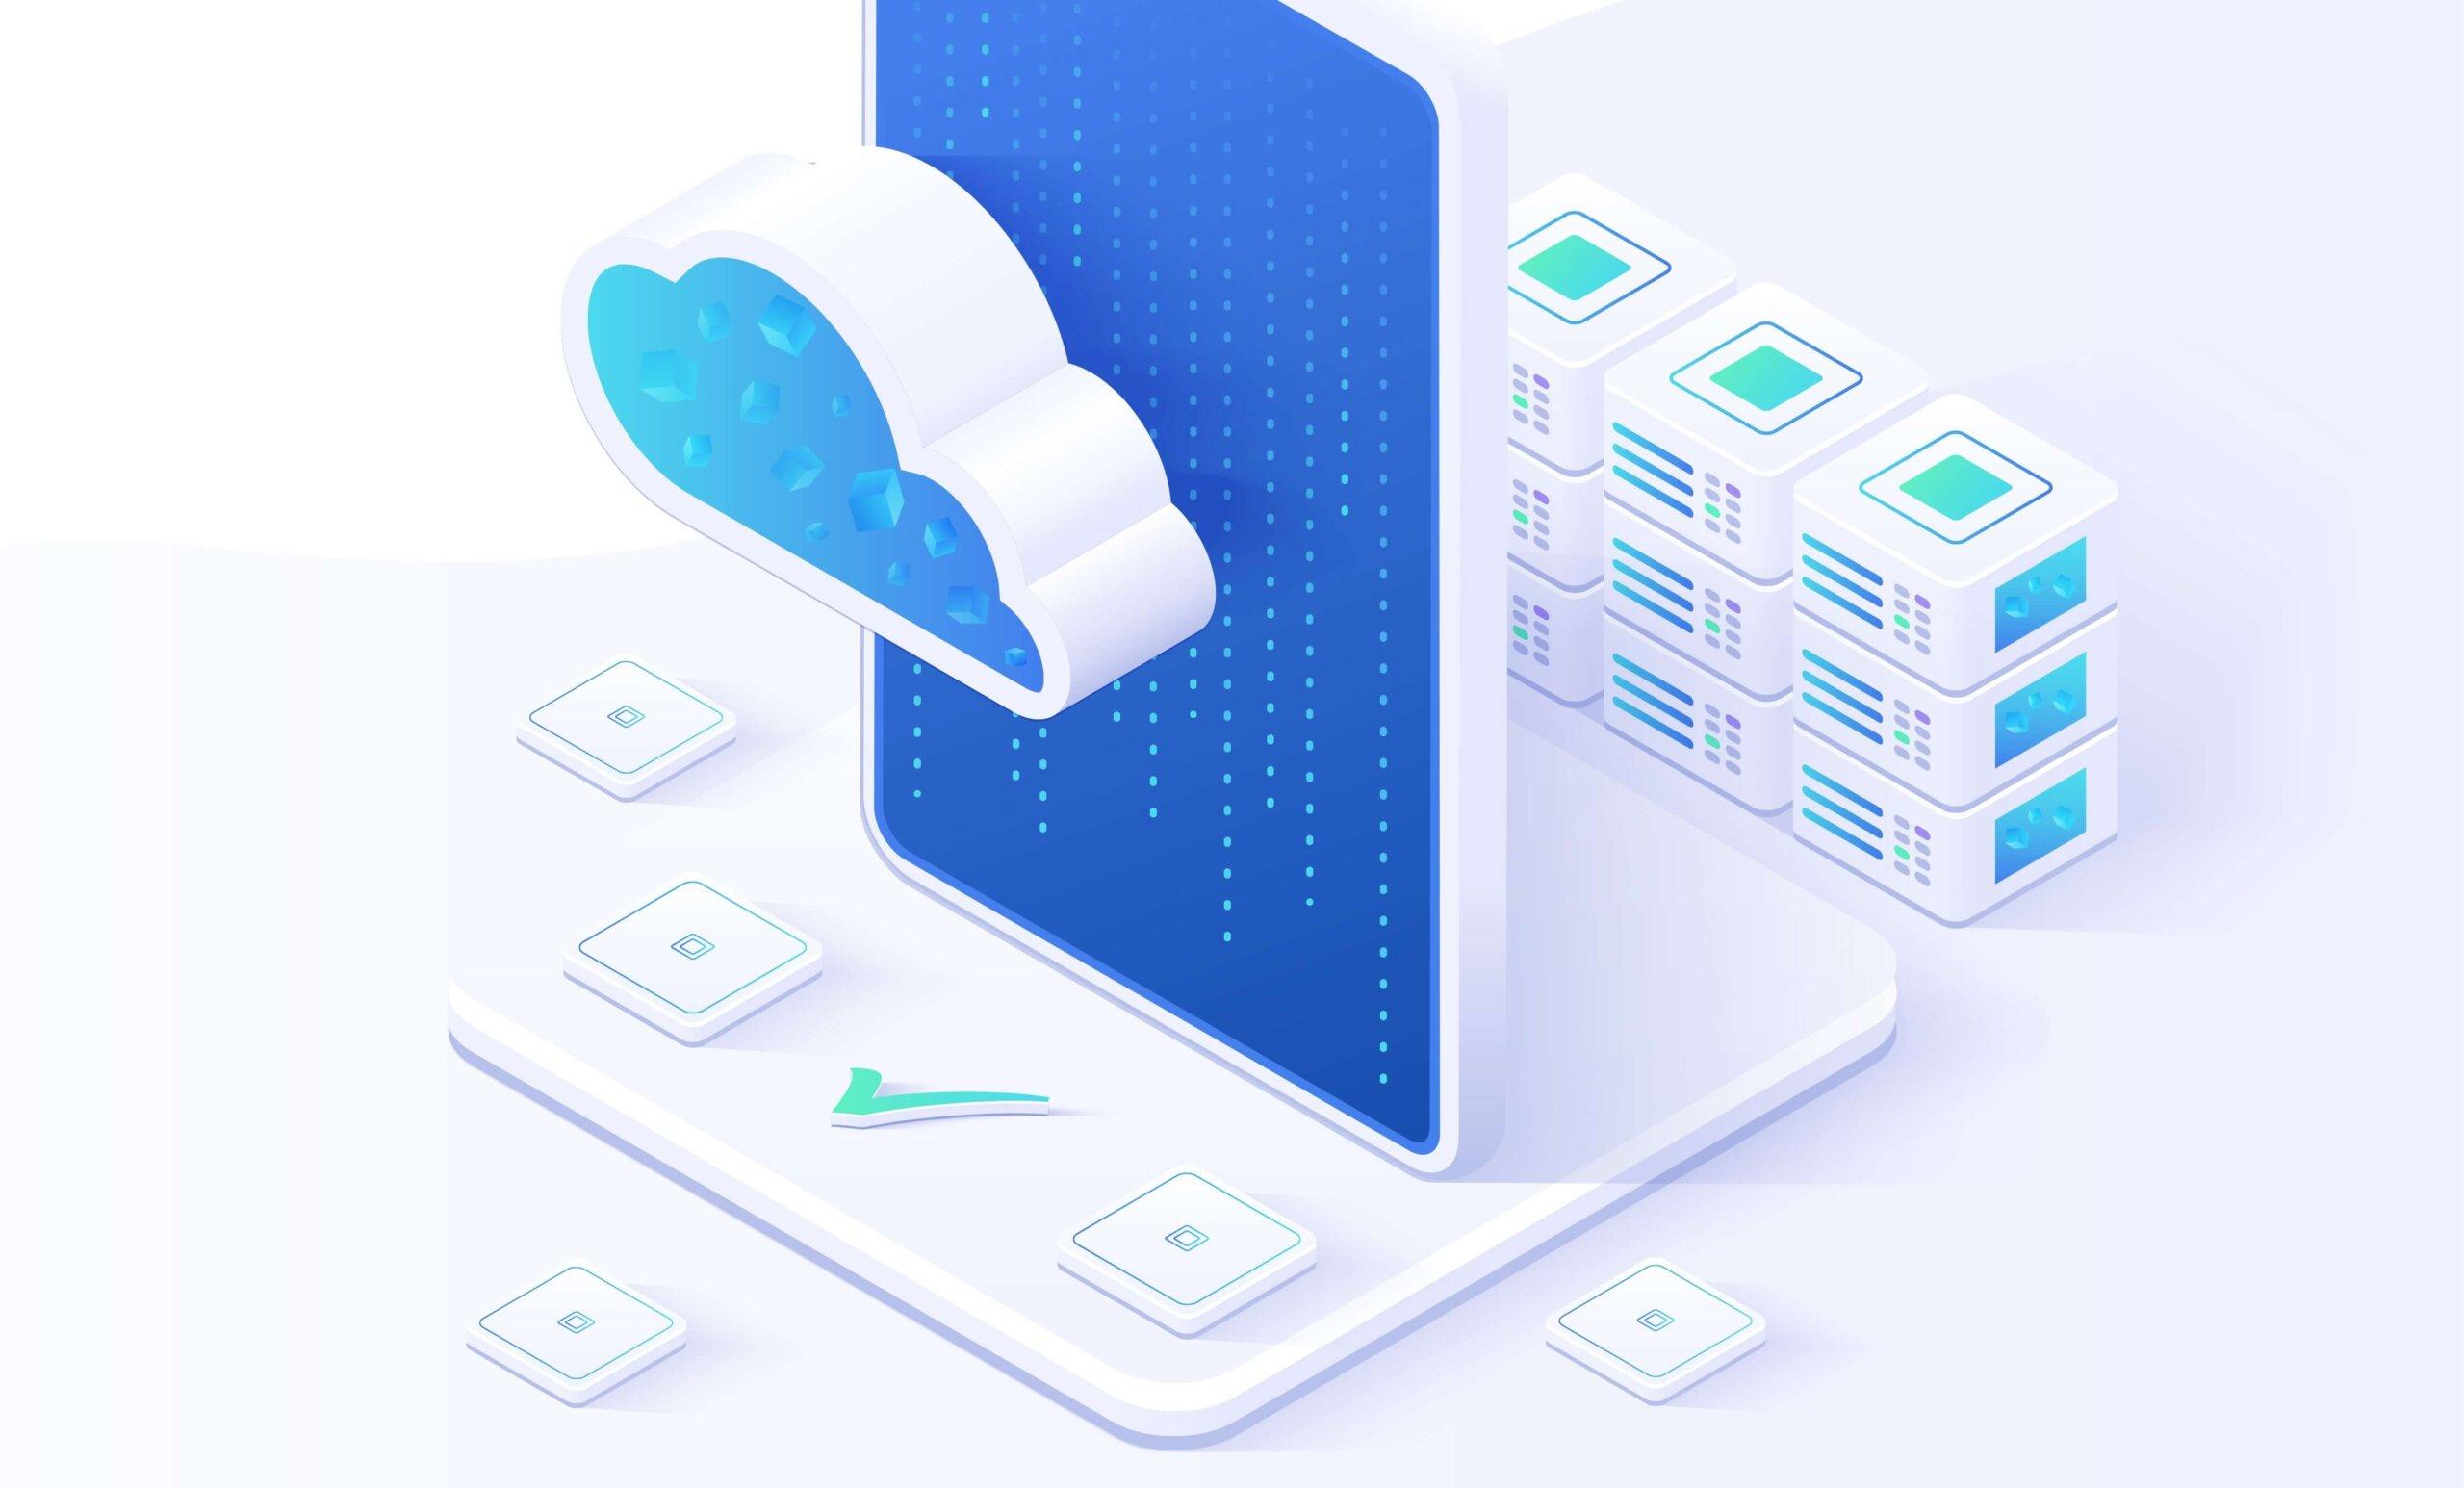 エックスサーバーの『新サーバー簡単移行』で最新環境へ移行する方法